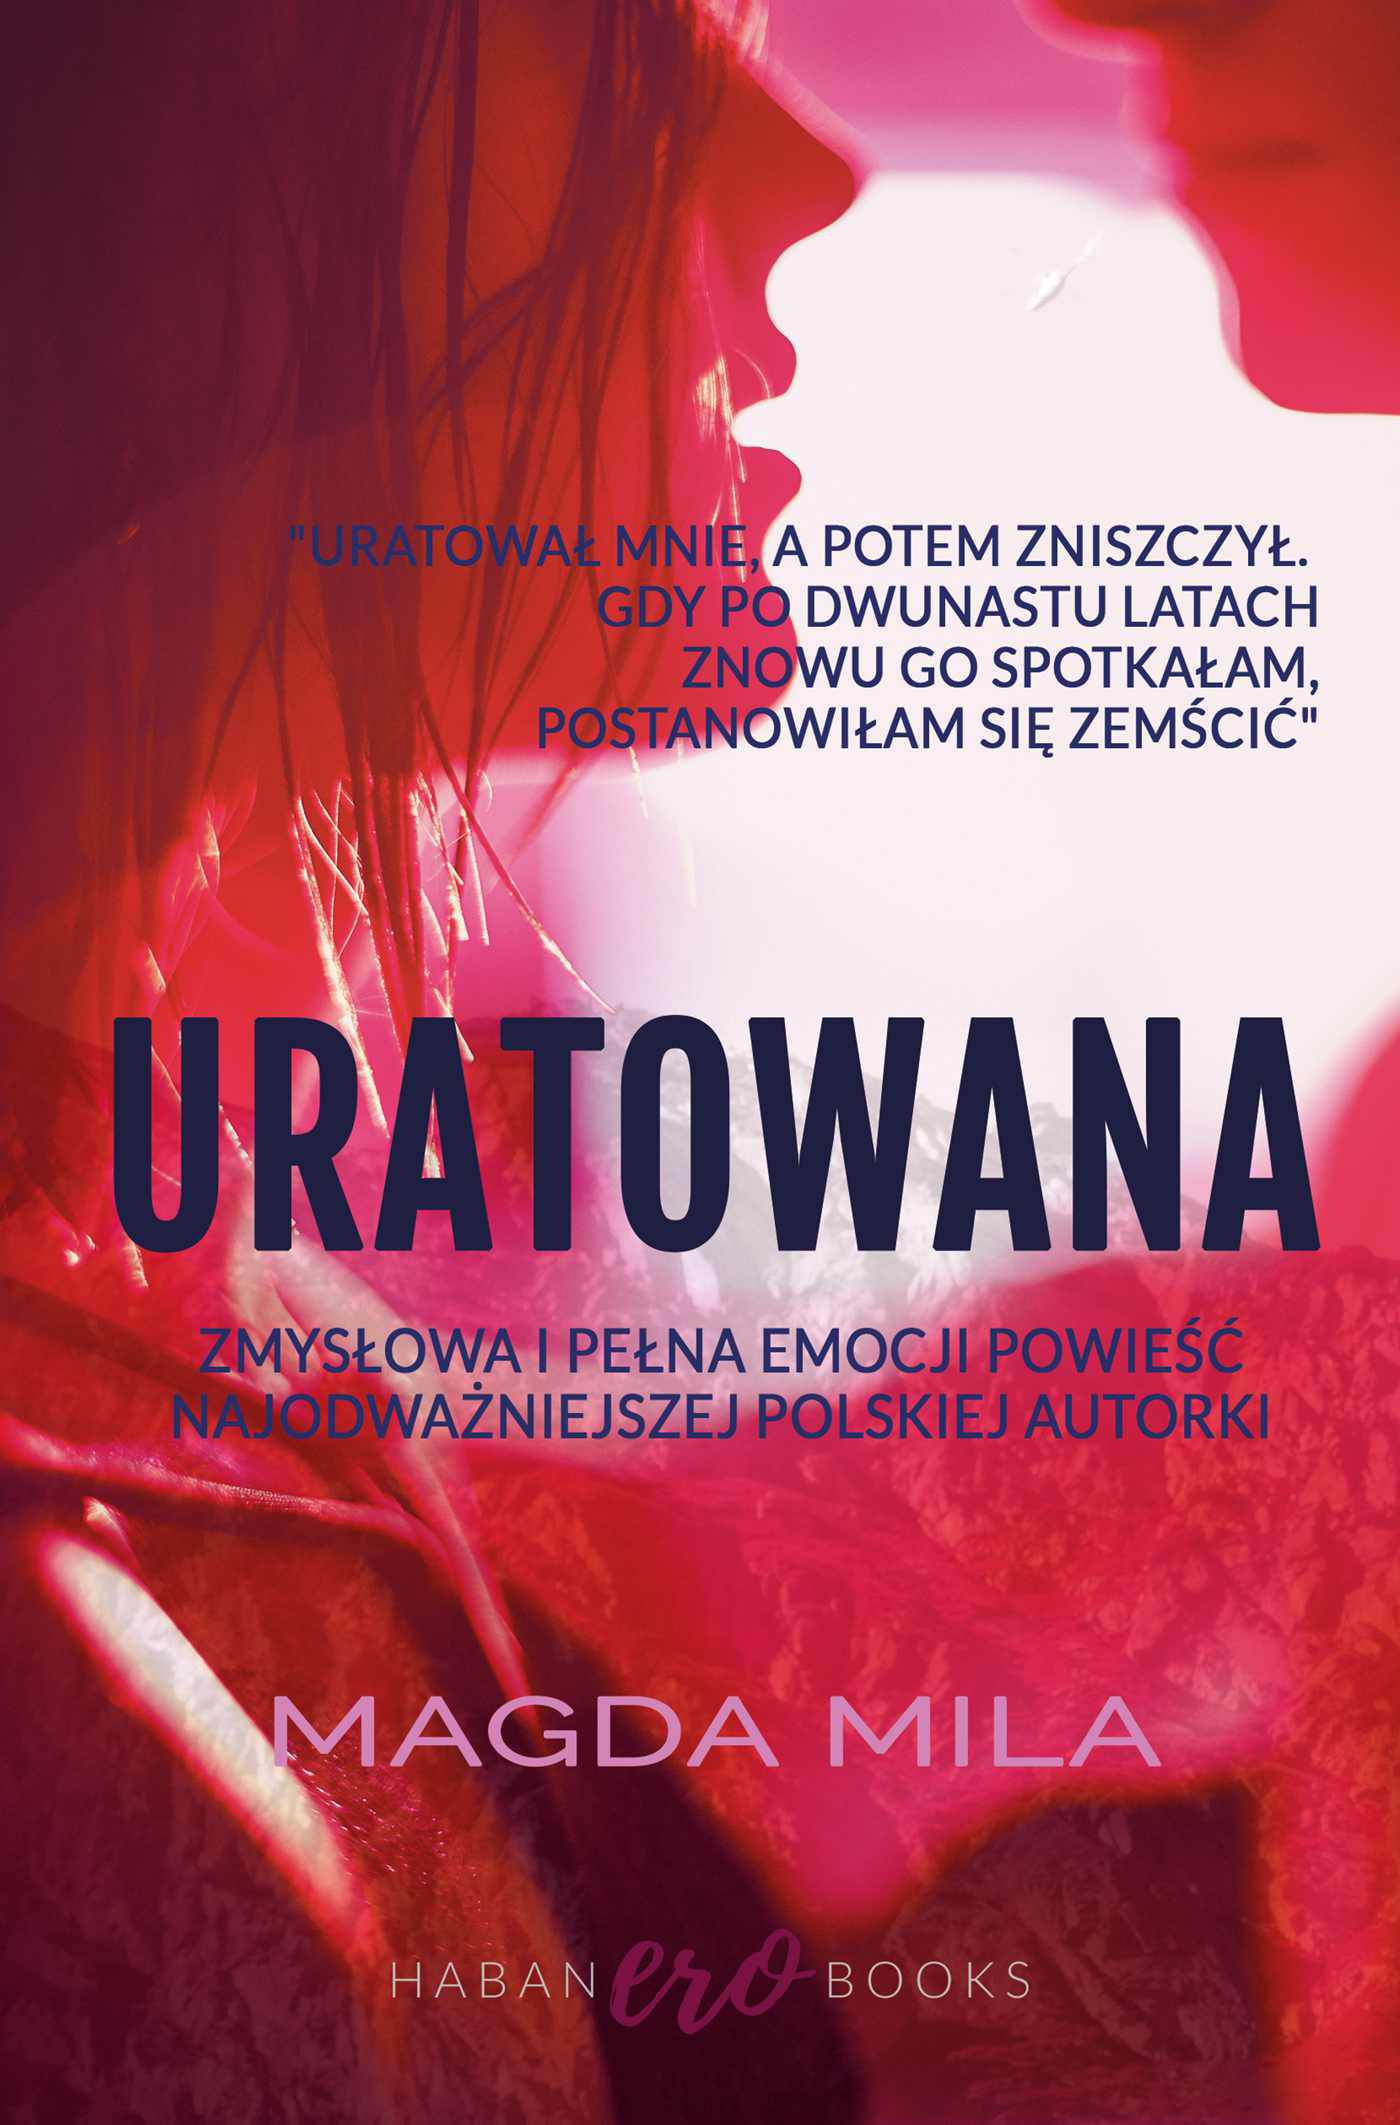 Uratowana - Ebook (Książka EPUB) do pobrania w formacie EPUB